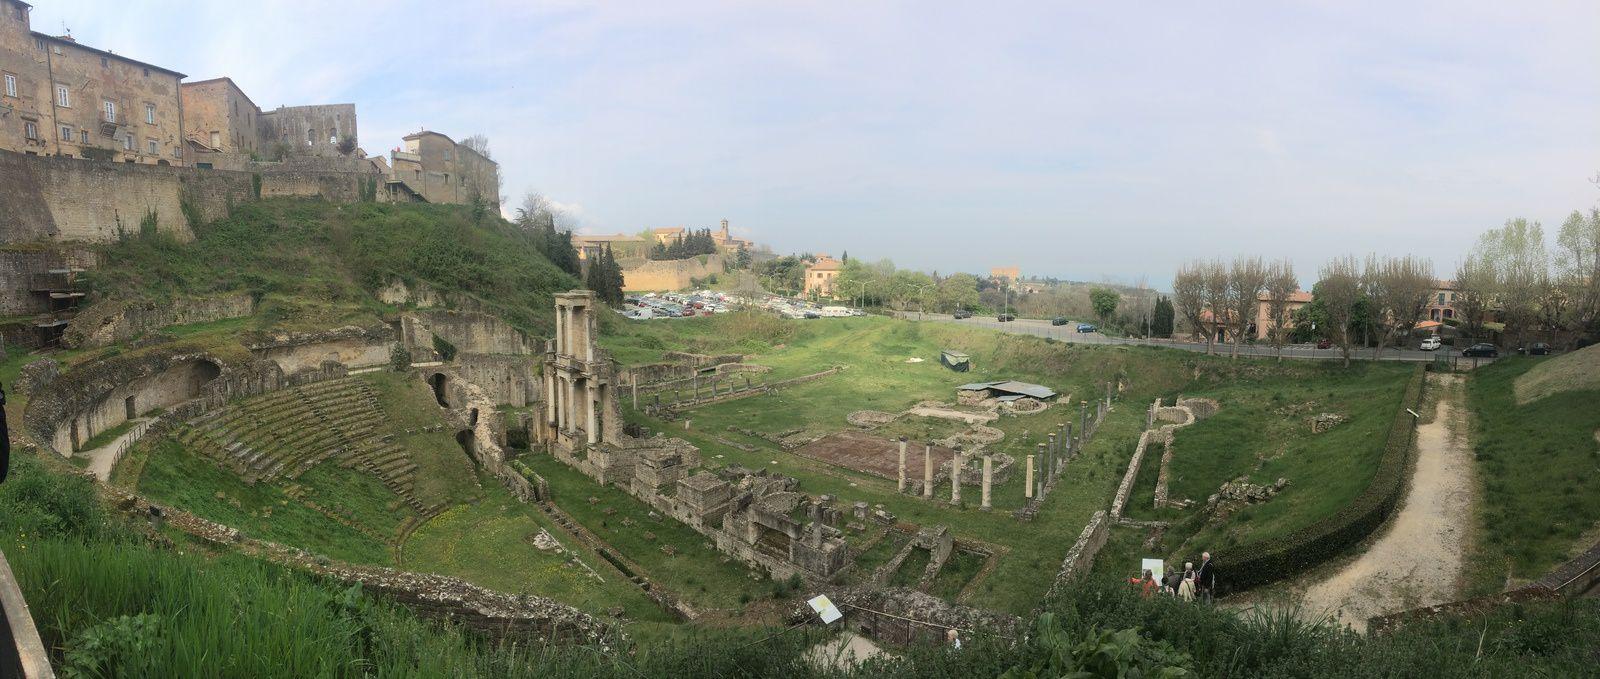 Vue panoramique du théâtre romain de Volterra.